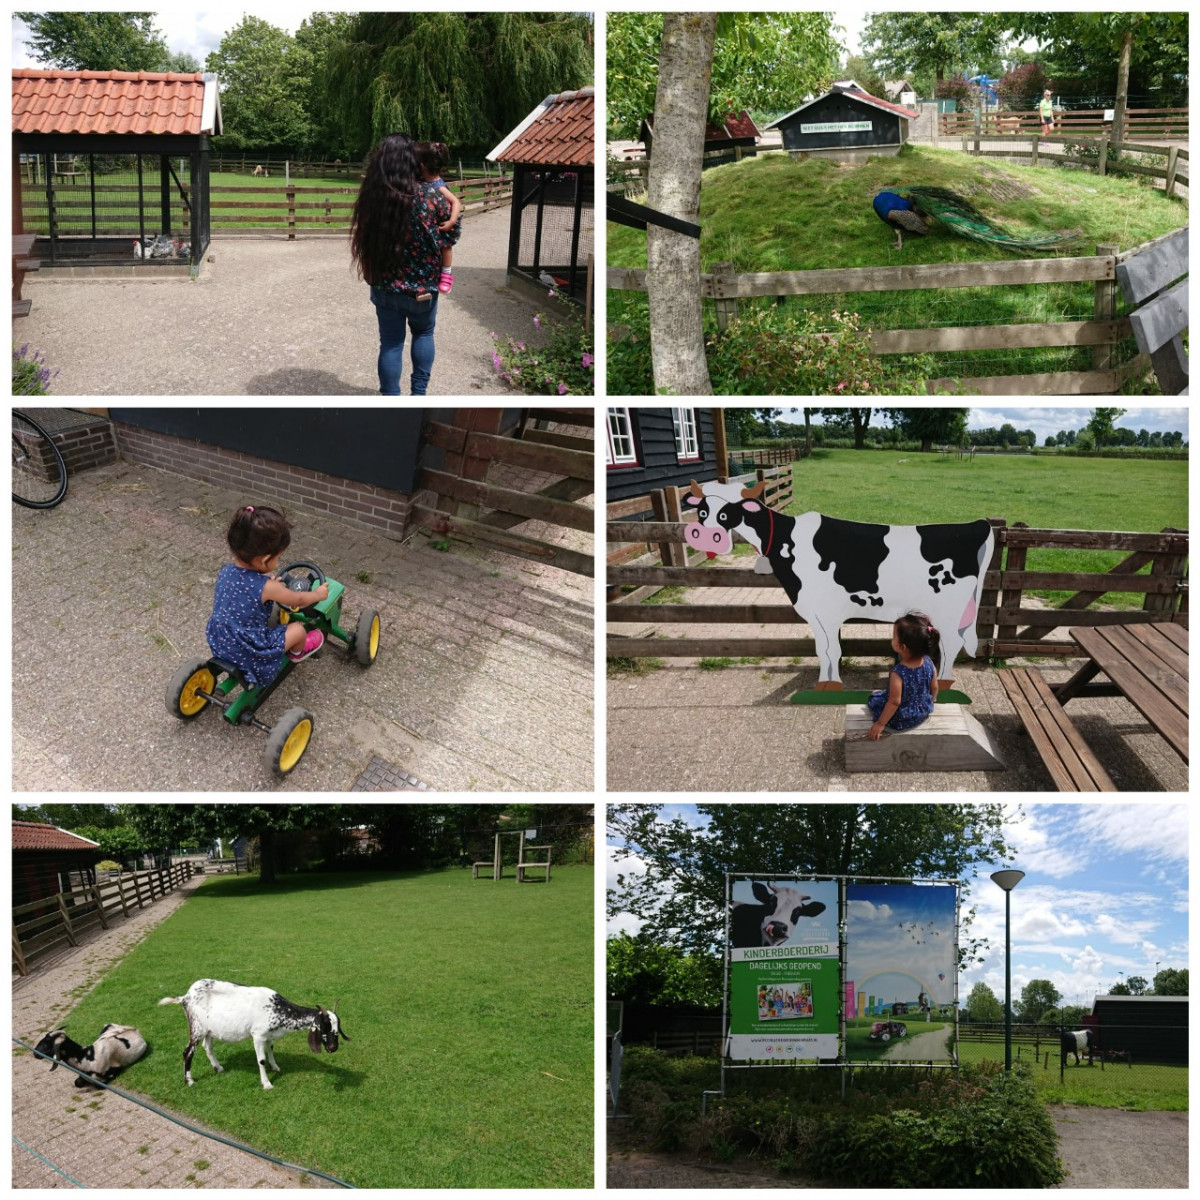 Goedkoop dagje uit op de kinderboerderij